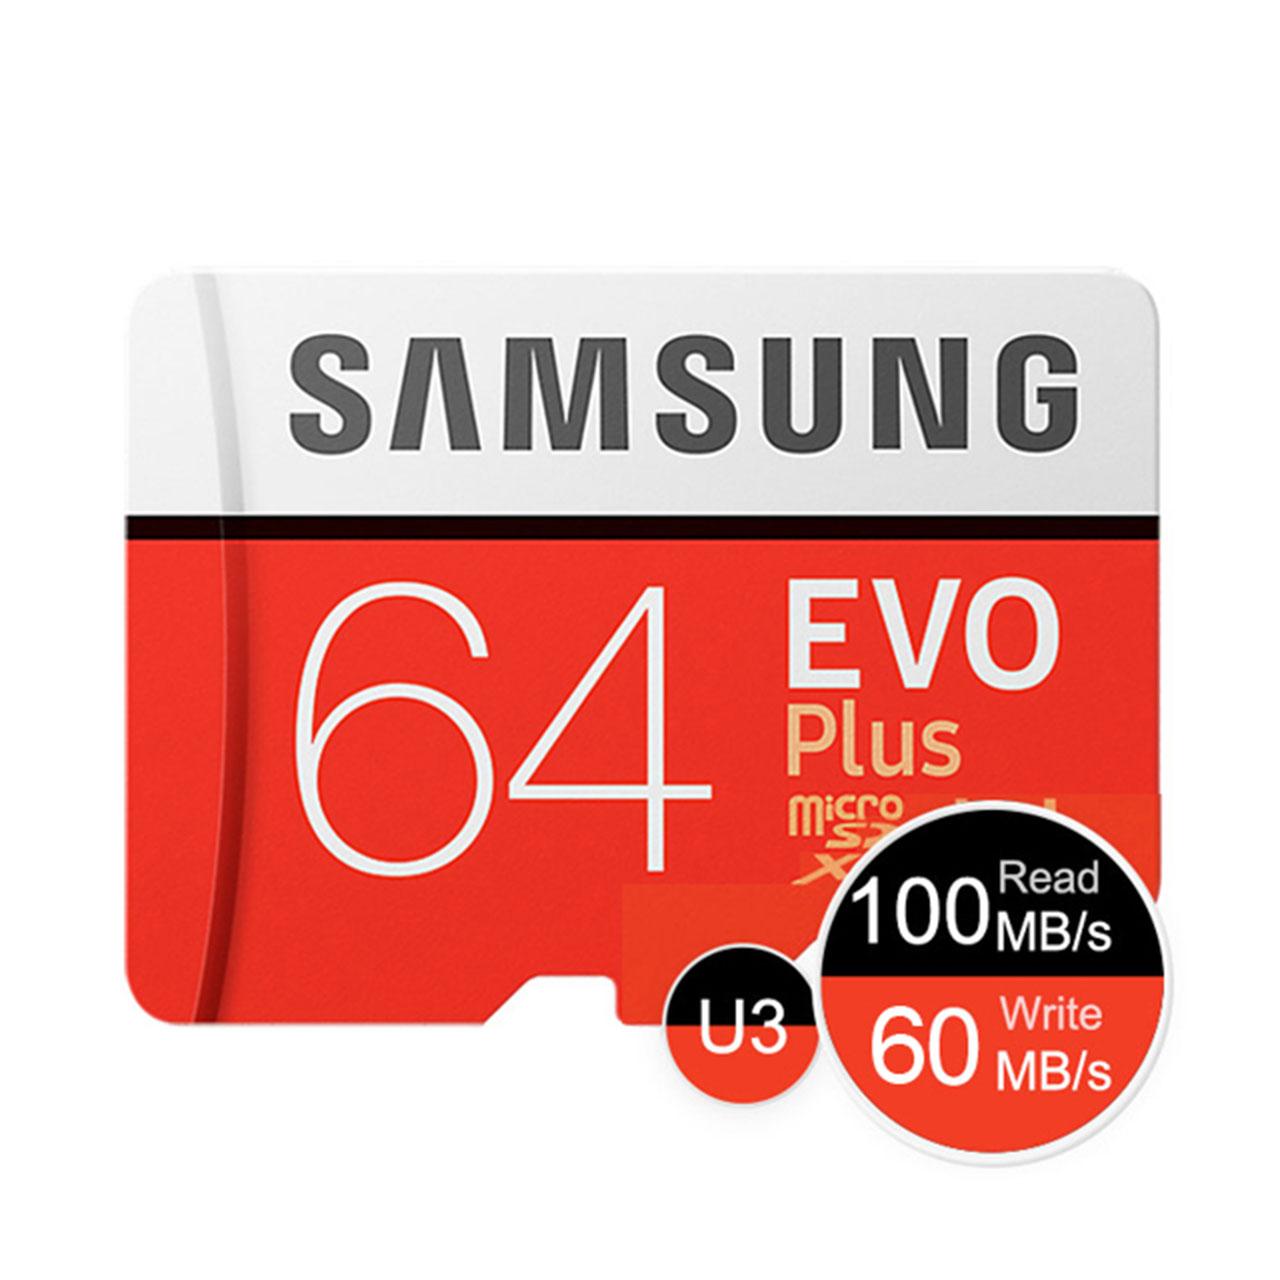 کارت حافظه microSDXC مدل Evo Plus کلاس 10 استاندارد UHS-I U3 سرعت 100MBps ظرفیت 64گیگابایت به همراه آداپتور SD                     غیر اصل